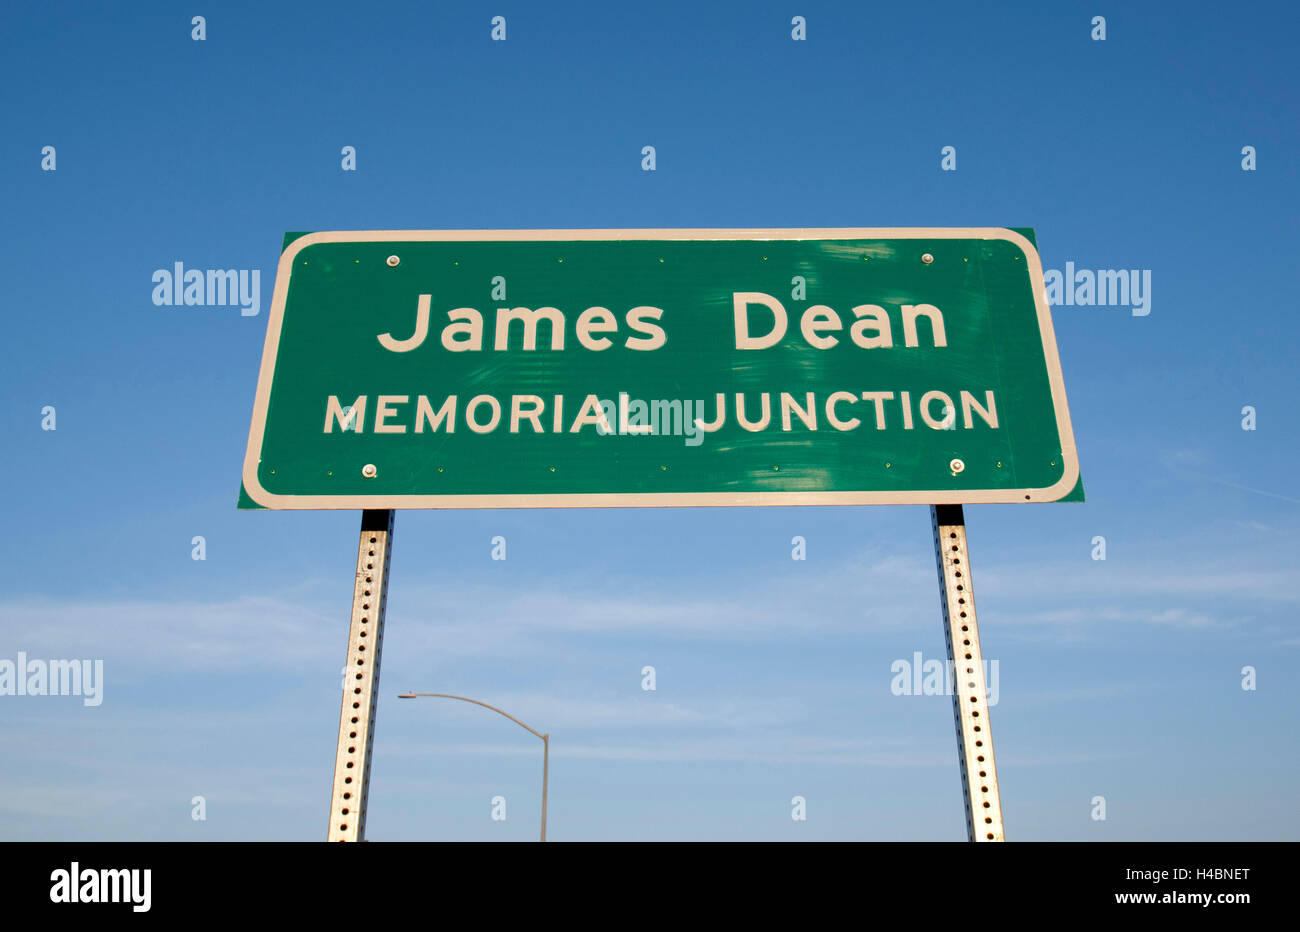 James Dean Memorial de jonction des autoroutes 41 & 46 de la Californie où l'acteur est décédé Photo Stock